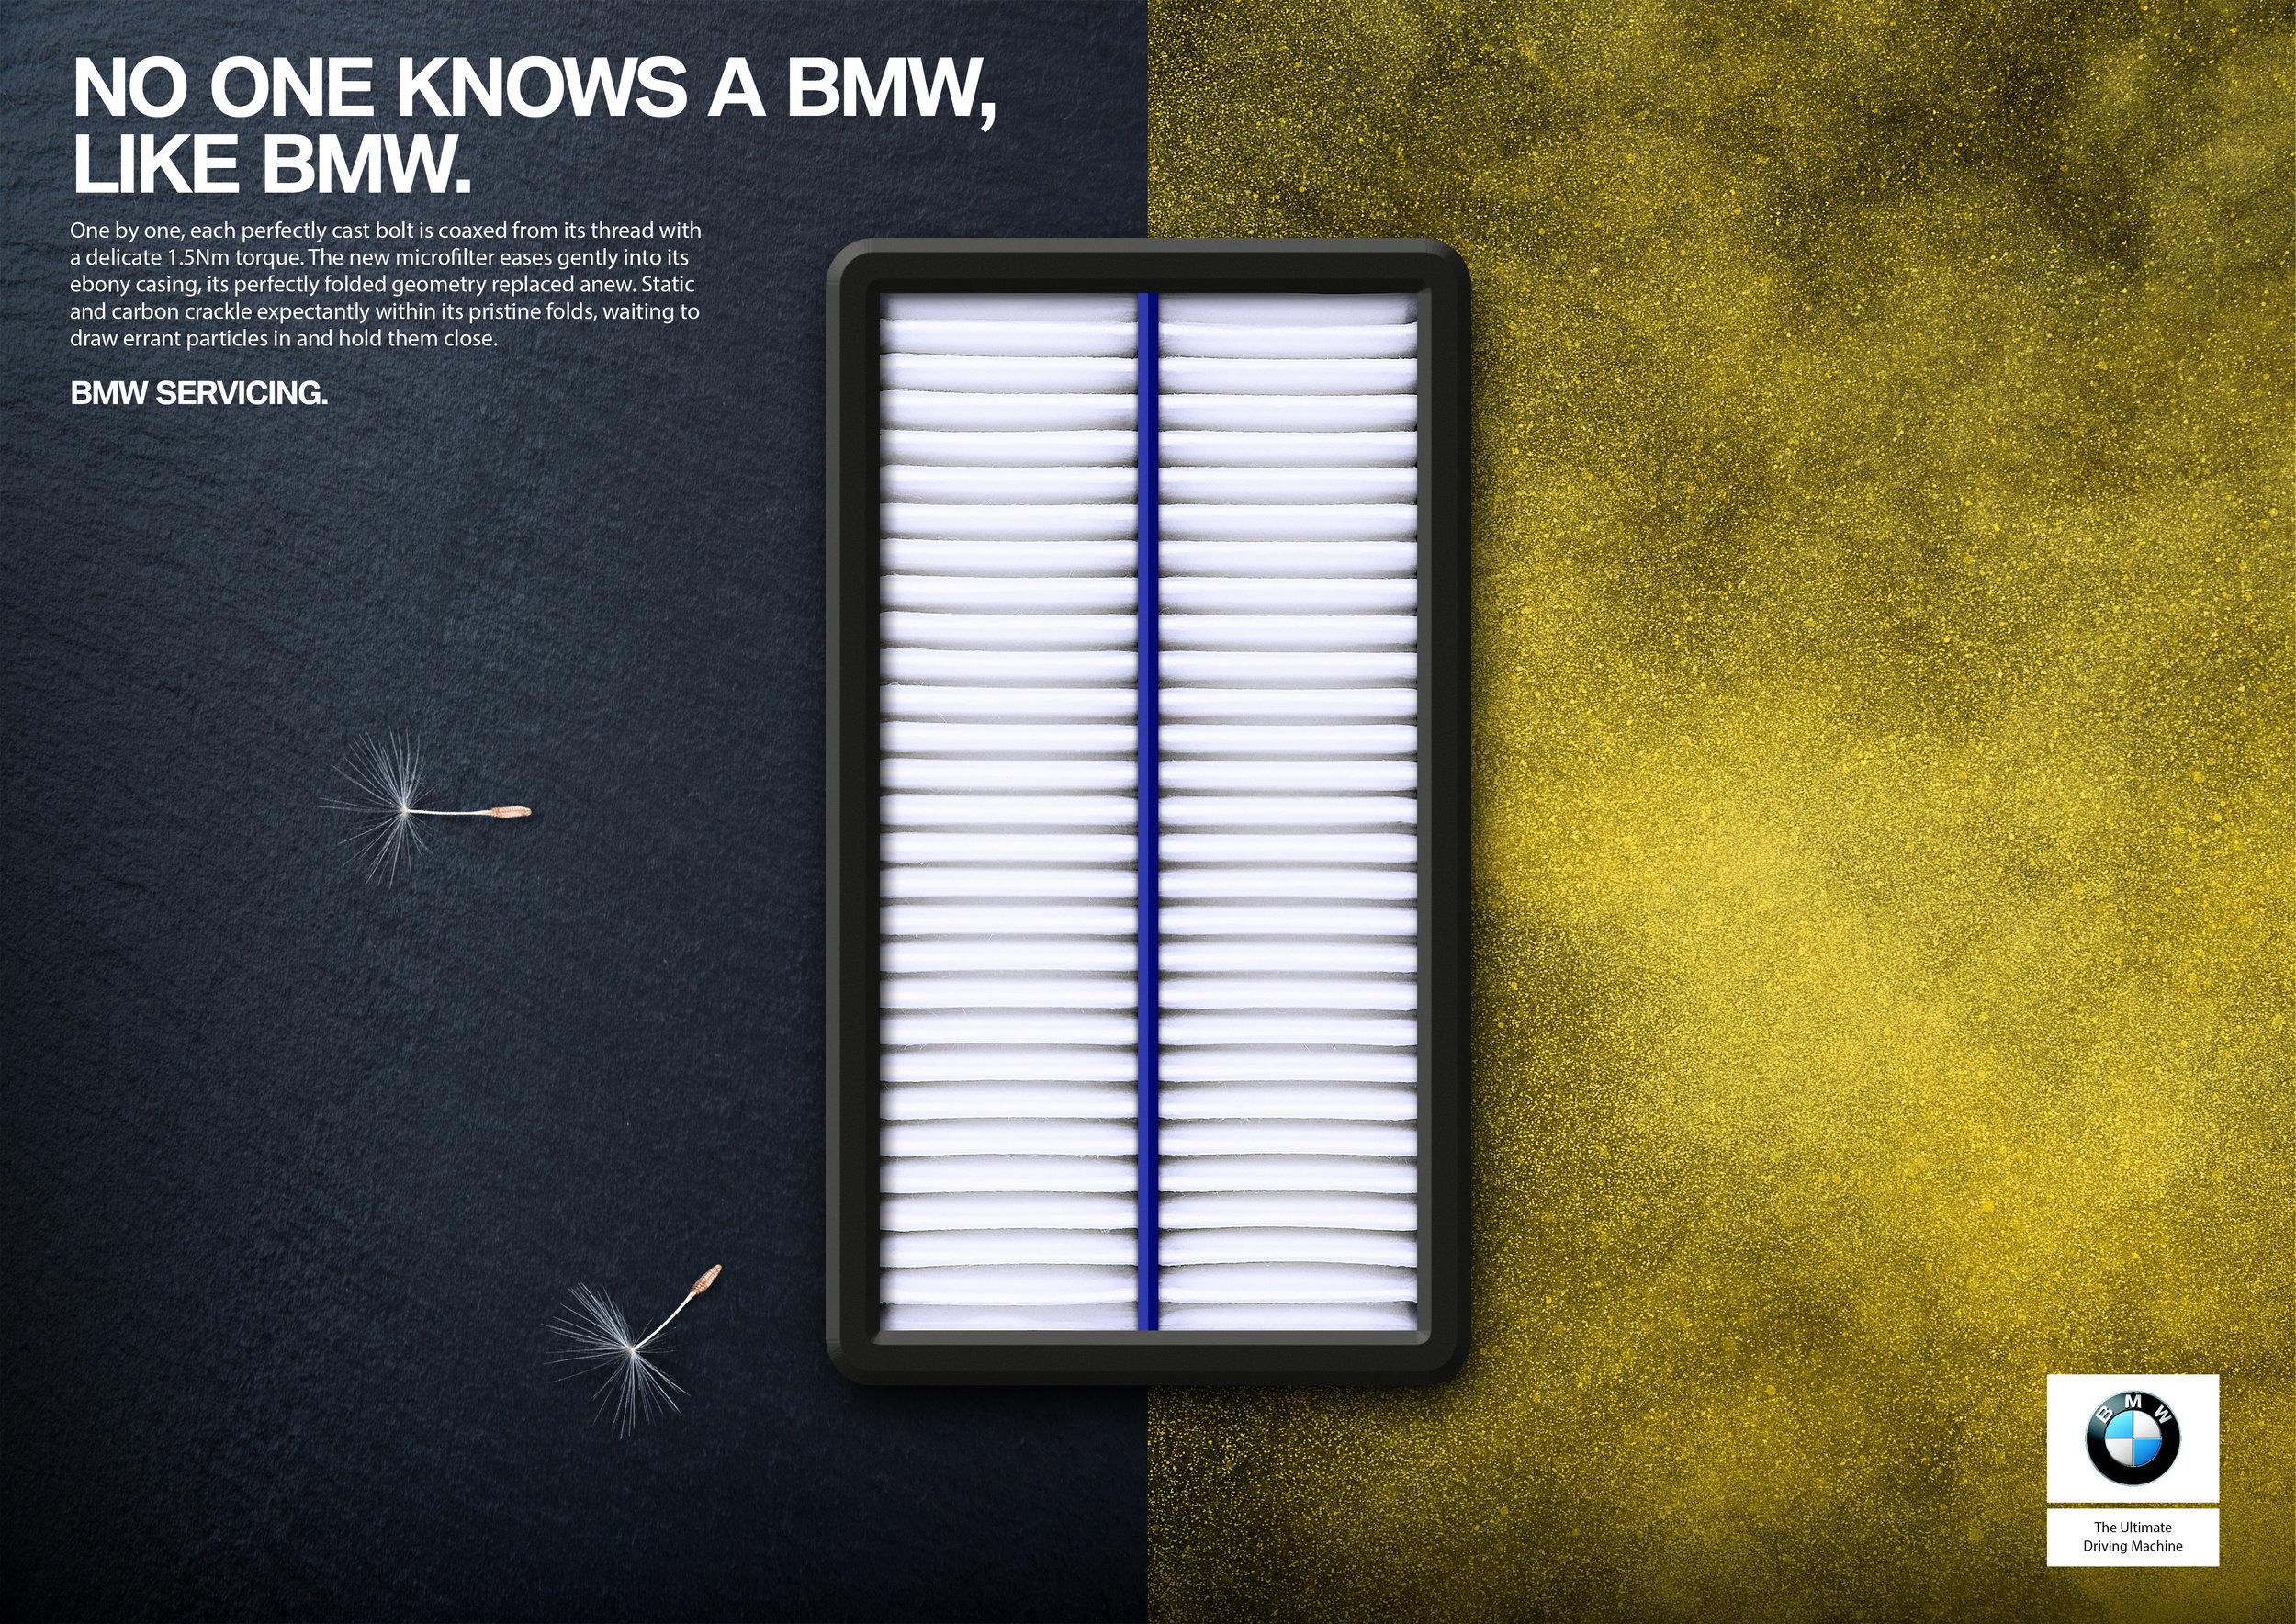 BMW-Aftercare-DPS_v5-23.jpg